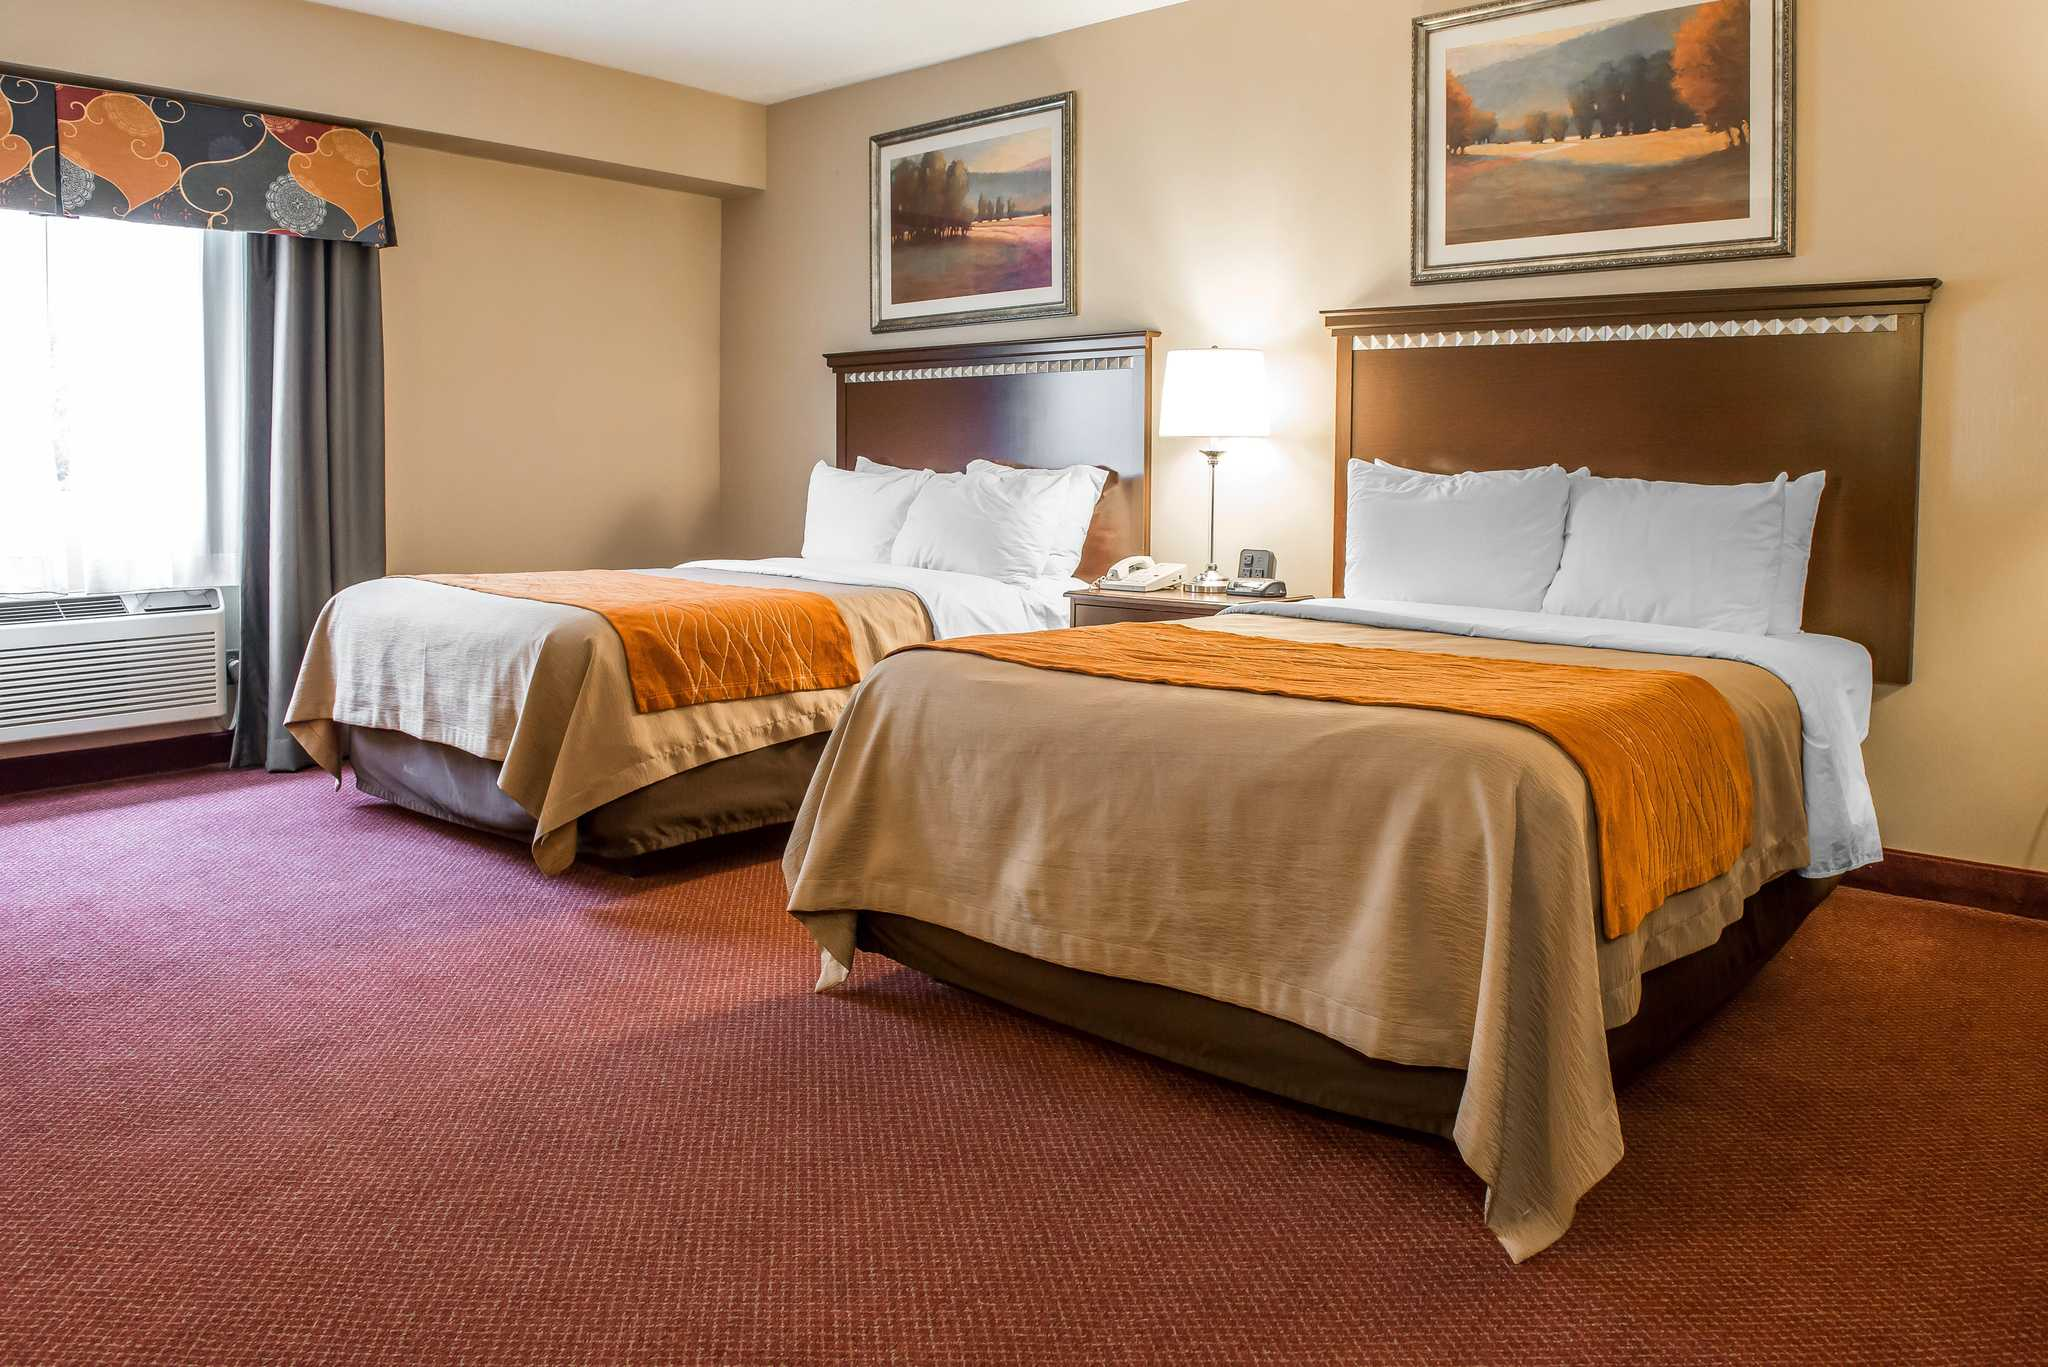 Comfort Inn image 20